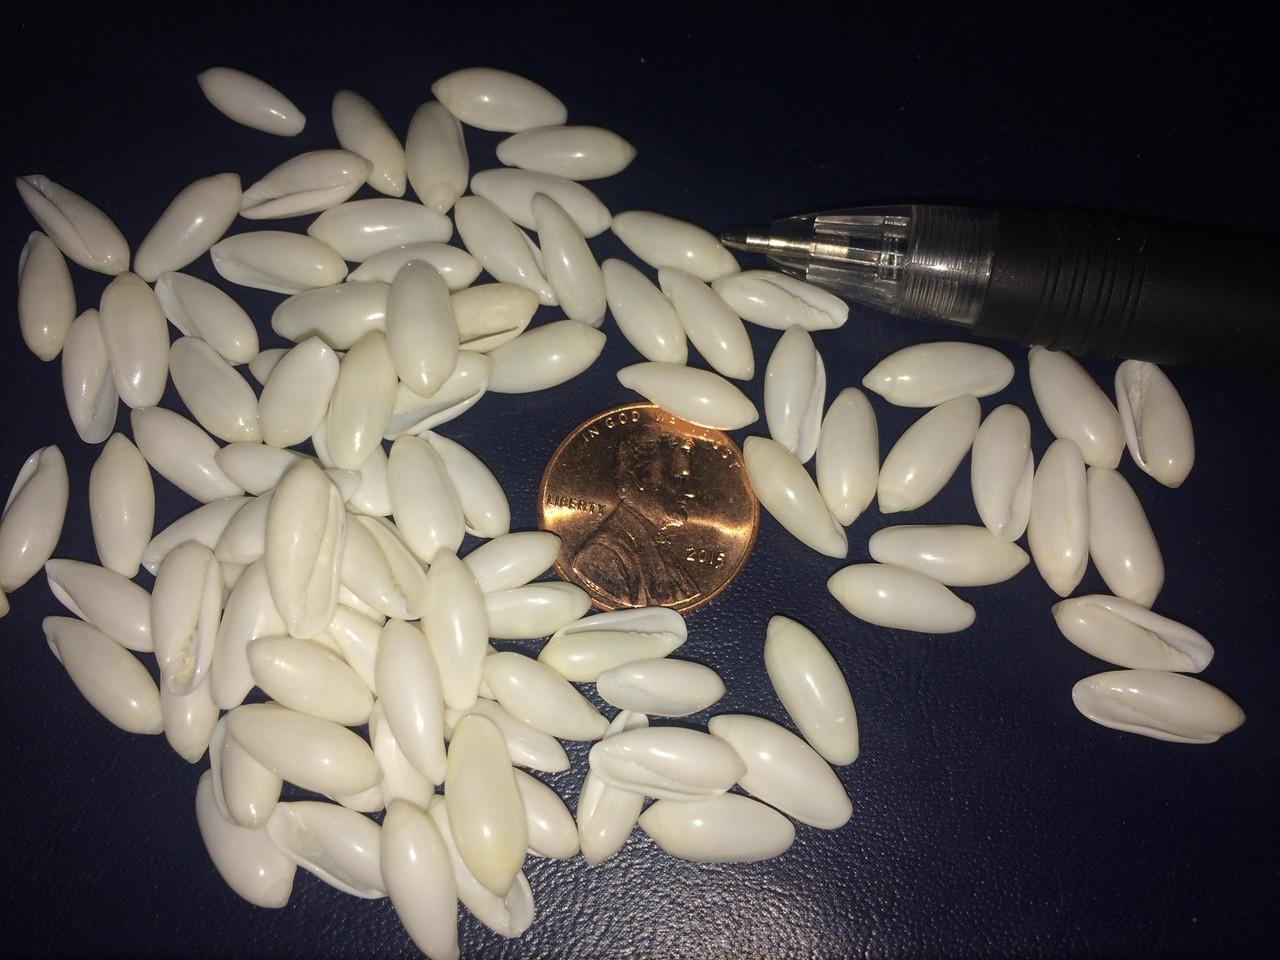 Tiny white rice (volvarina)